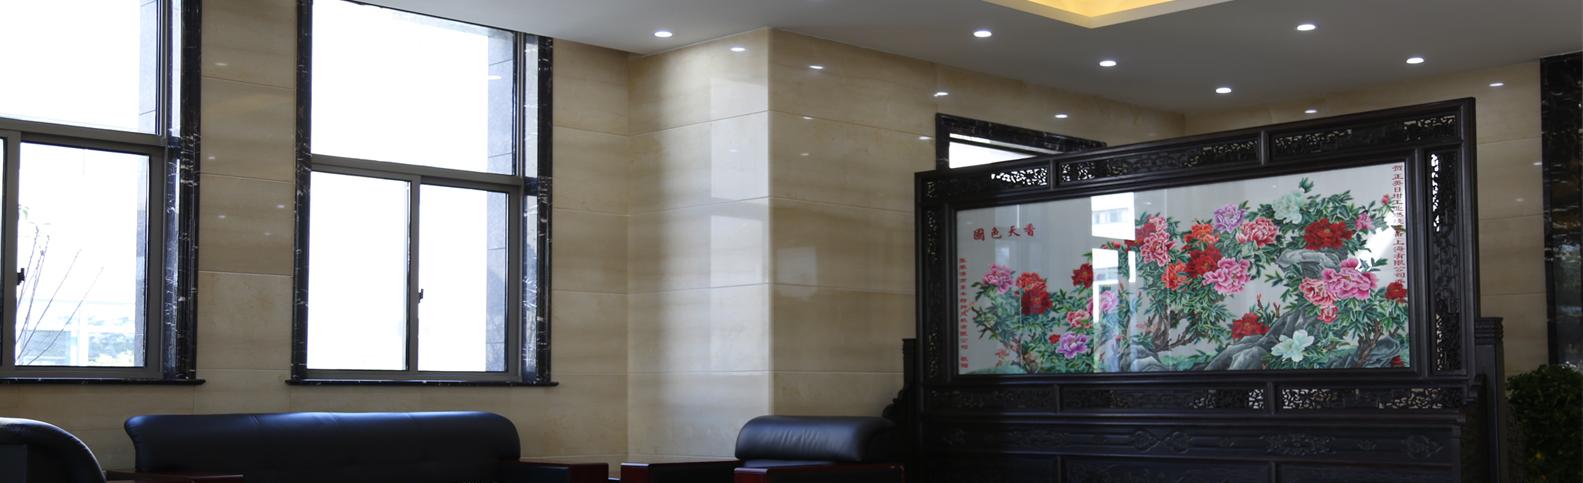 正英日坩工业燃烧设备(上海)有限公司